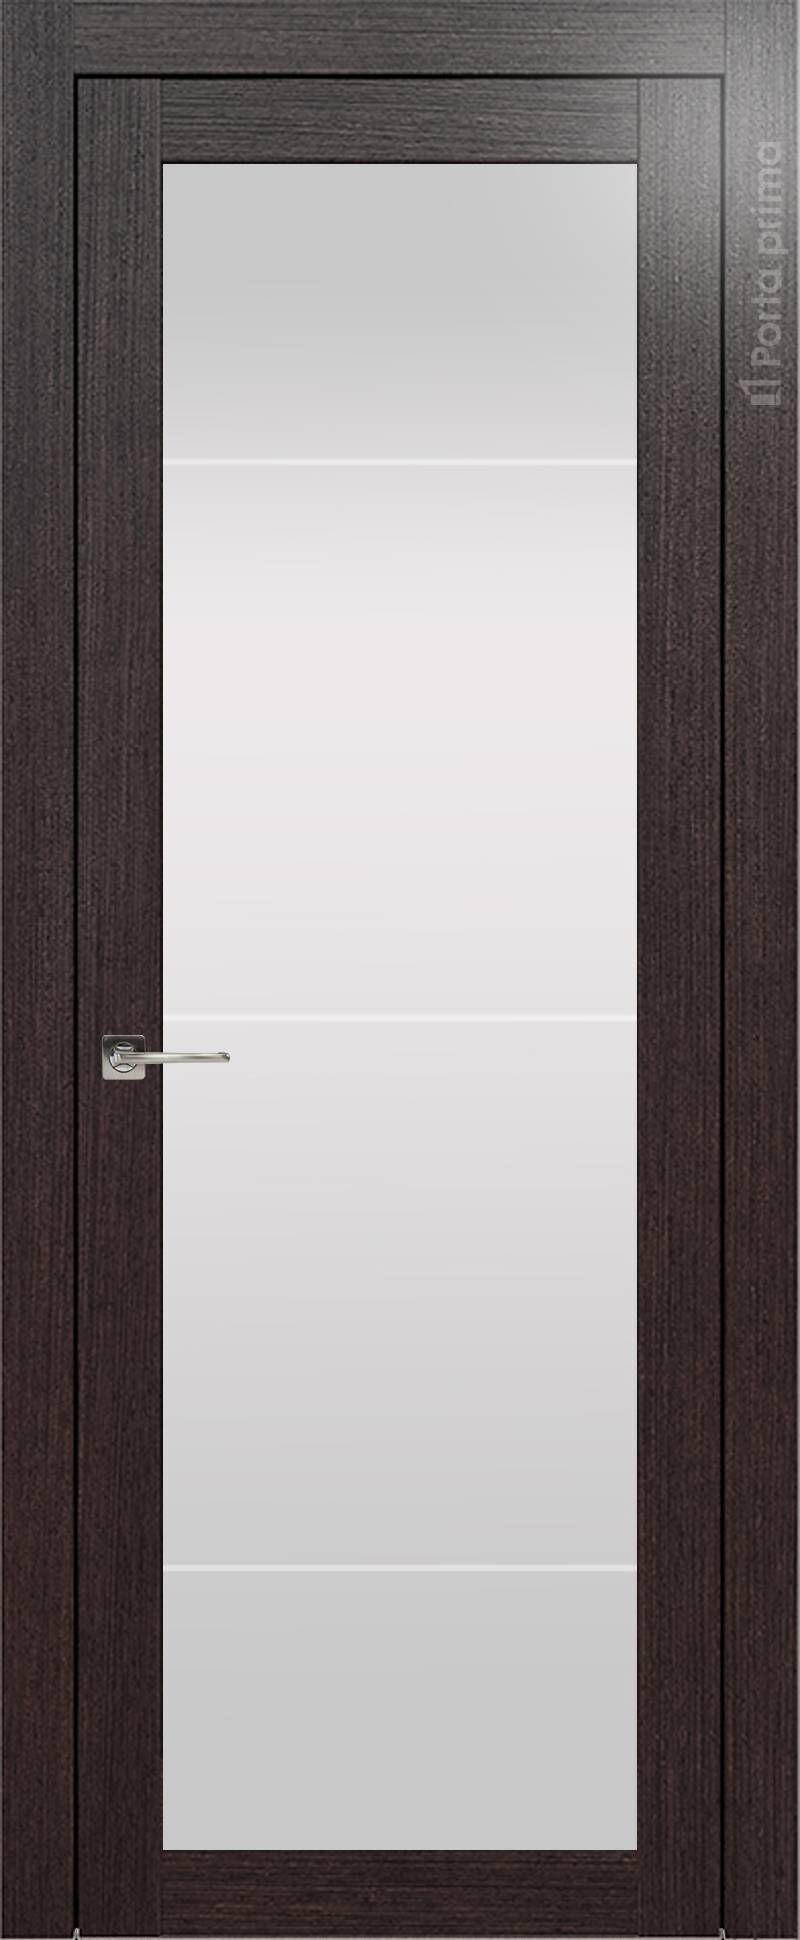 Tivoli З-3 цвет - Венге Шоколад Со стеклом (ДО)